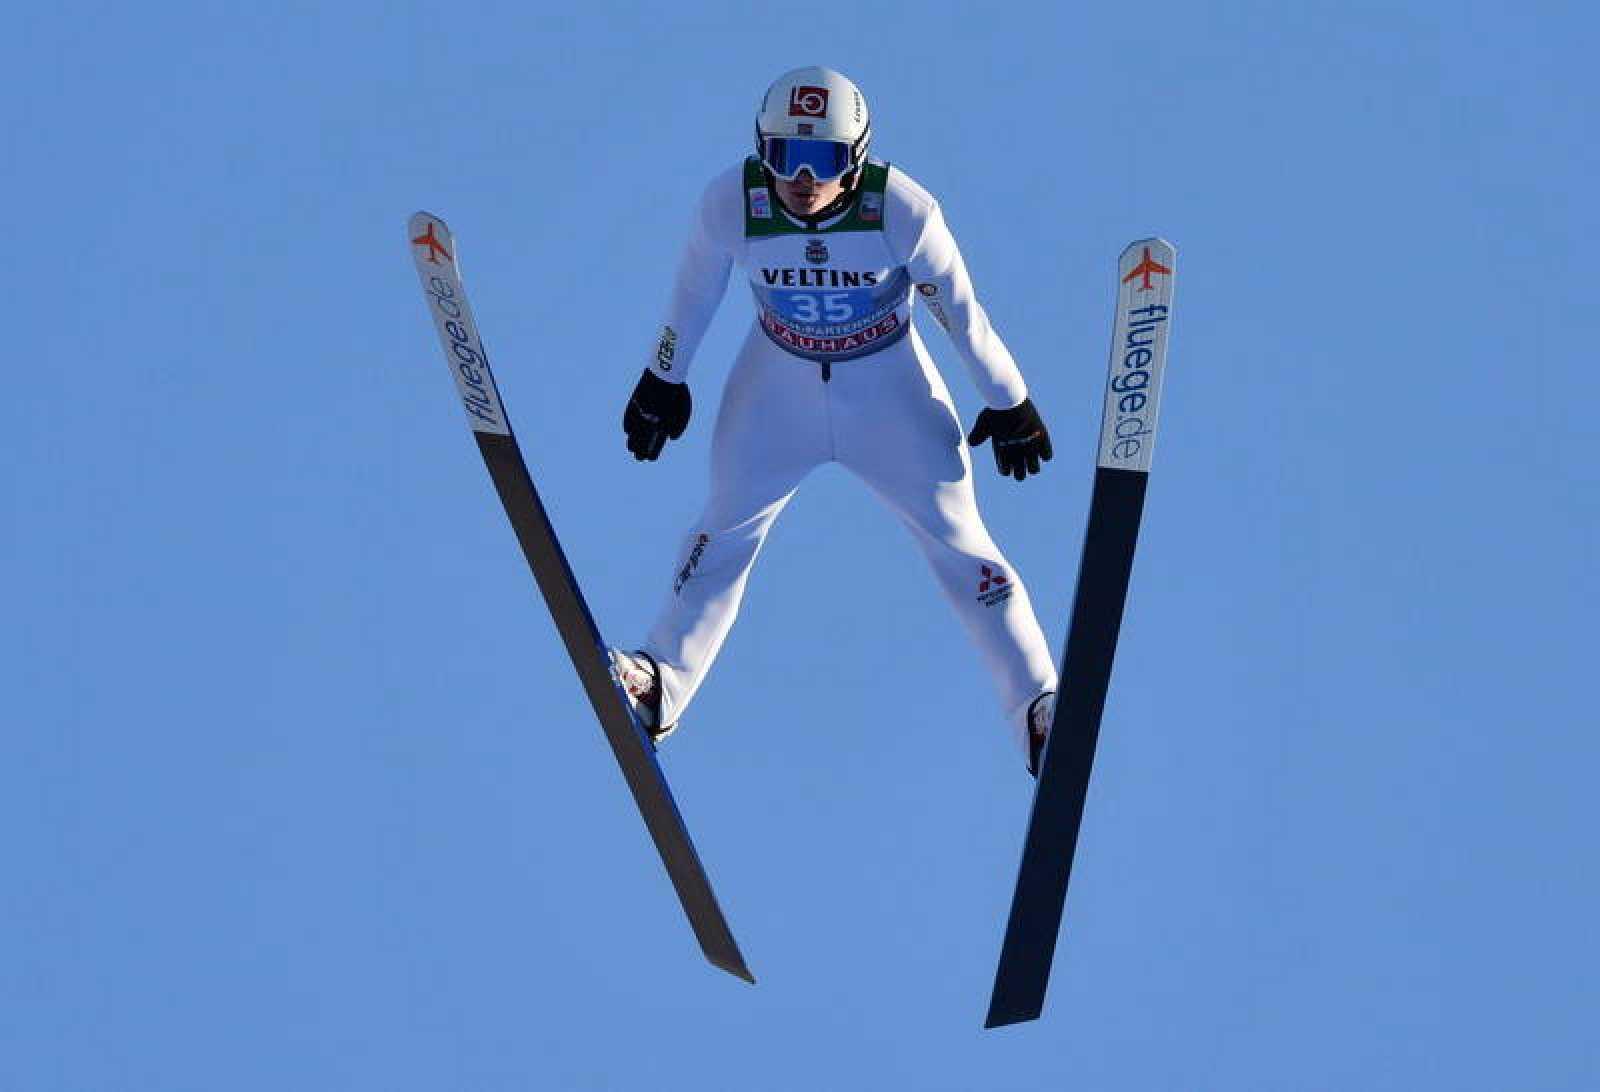 El noruego Marius Lindvik, de 21 años, ha conseguido su primera victoria en la Copa del Mundo de saltos al imponerse en Garmisch-Partenkirchen (Alemania).